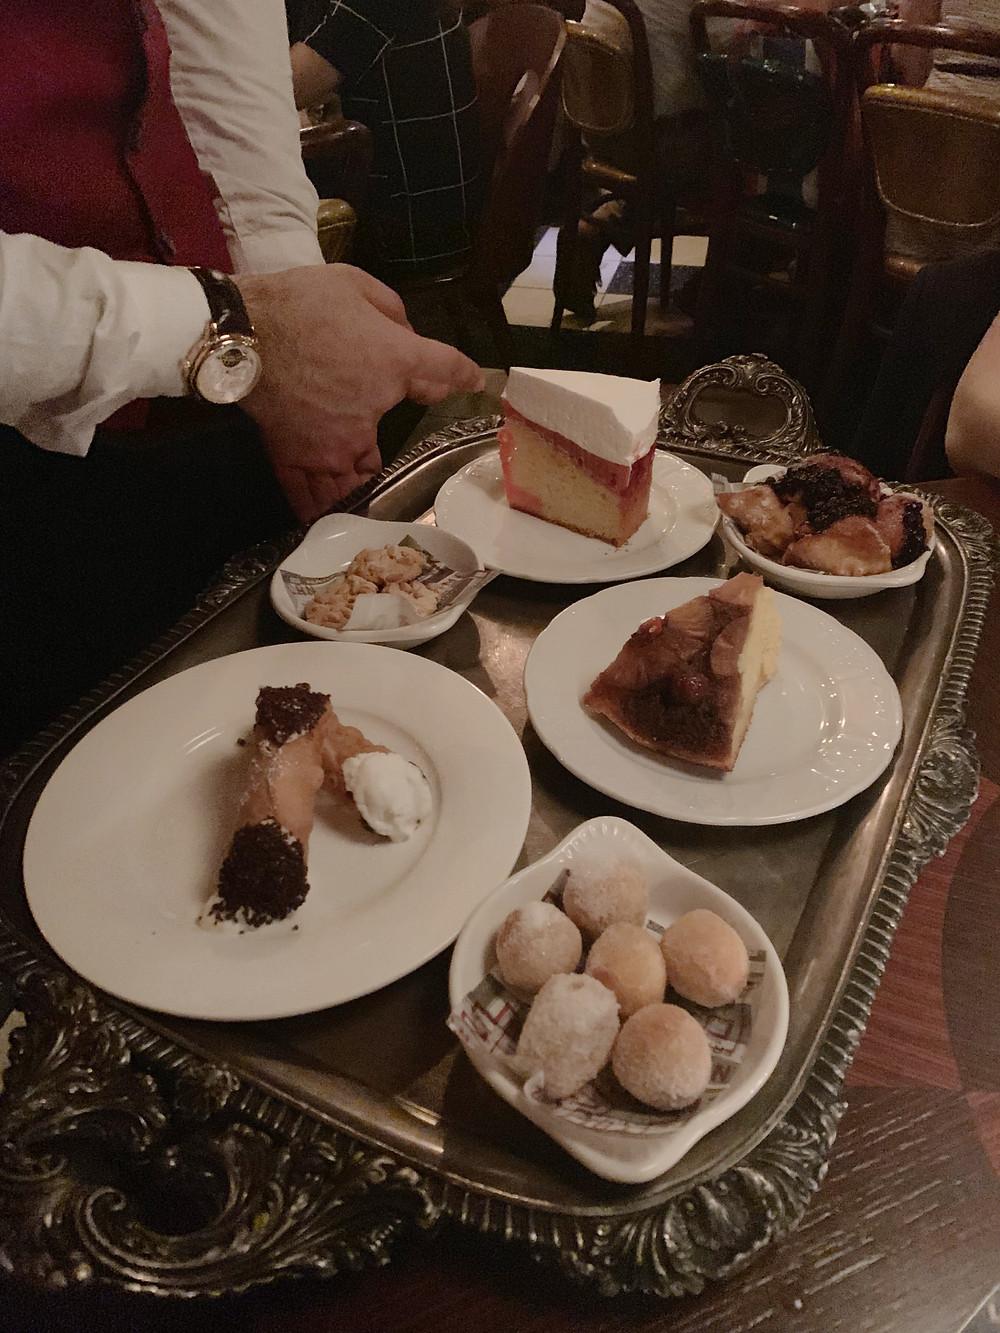 Dessert at Franks Italian restaurant in Hong Kong